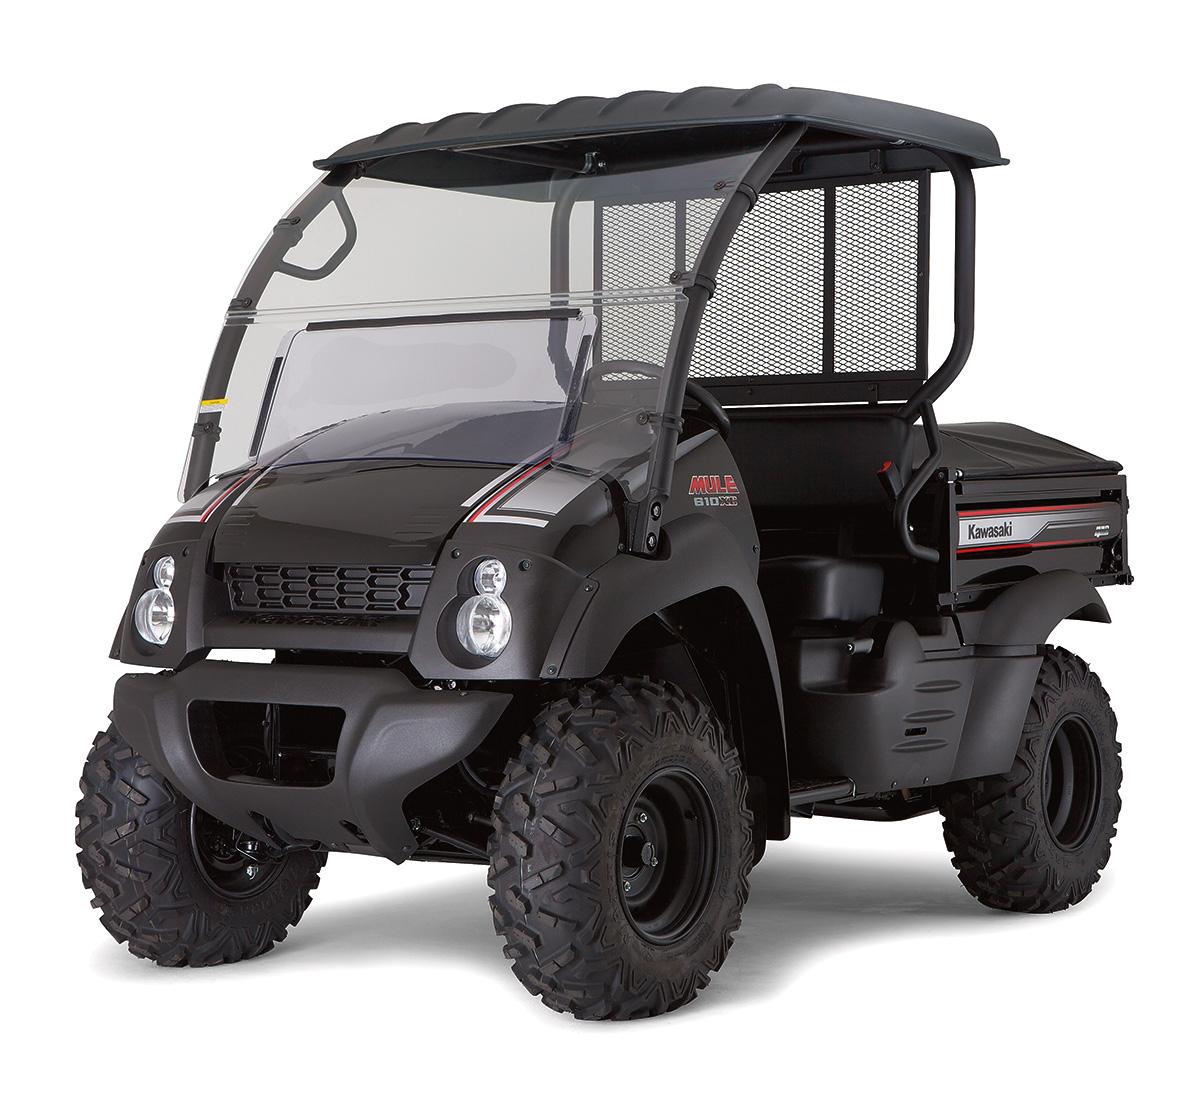 2013 Mule 610 4x4 Xc Accessories Kawasaki Fuel Filter Fixed Windshield